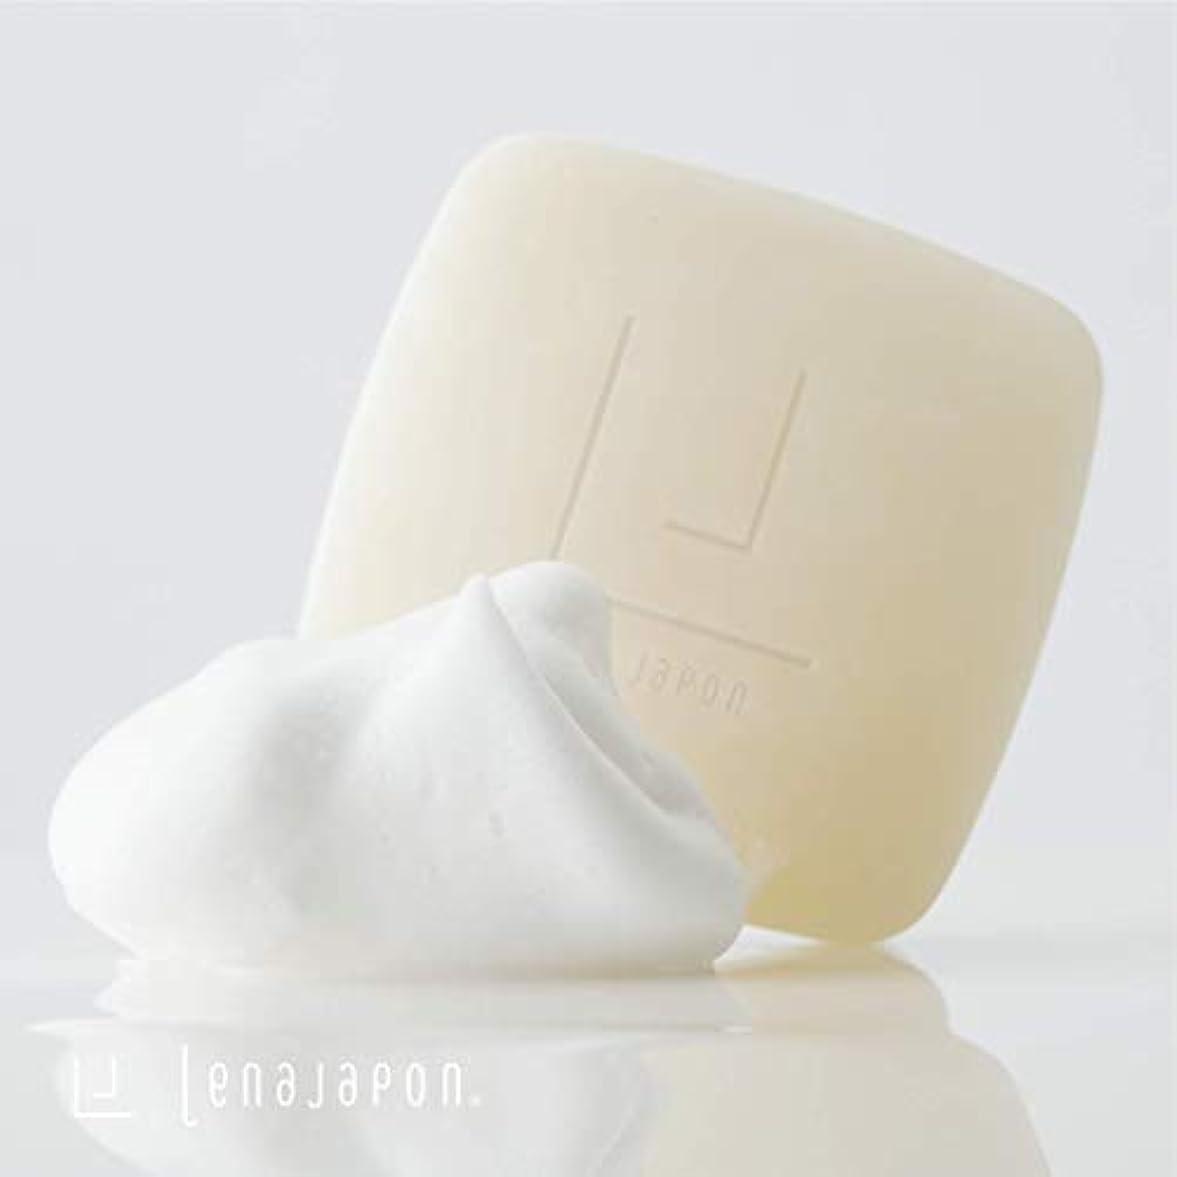 編集する情熱的アウトドアレナジャポン〈洗顔石鹸〉LJ モイストバー / LENAJAPON 〈rich foaming face soap〉 LJ MOIST BAR